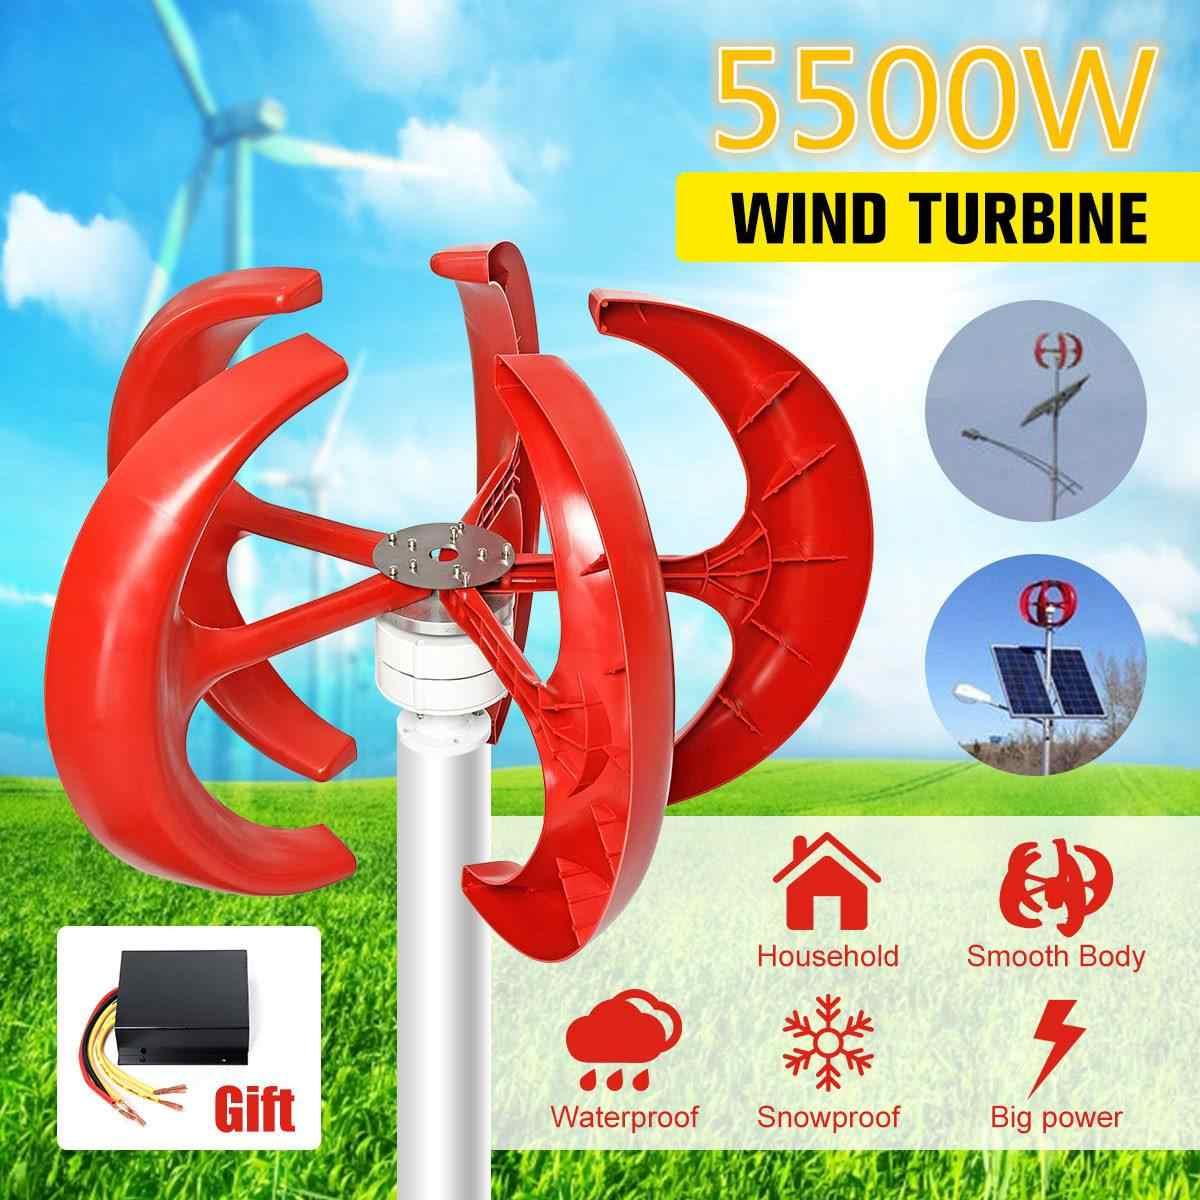 5500 واط 12 فولت 24 فولت 5 شفرات الرأسي Axi توربينات الرياح مولد فانوس معدات موتور الكهرومغناطيسية للاستخدام المنزلي ضوء الشارع